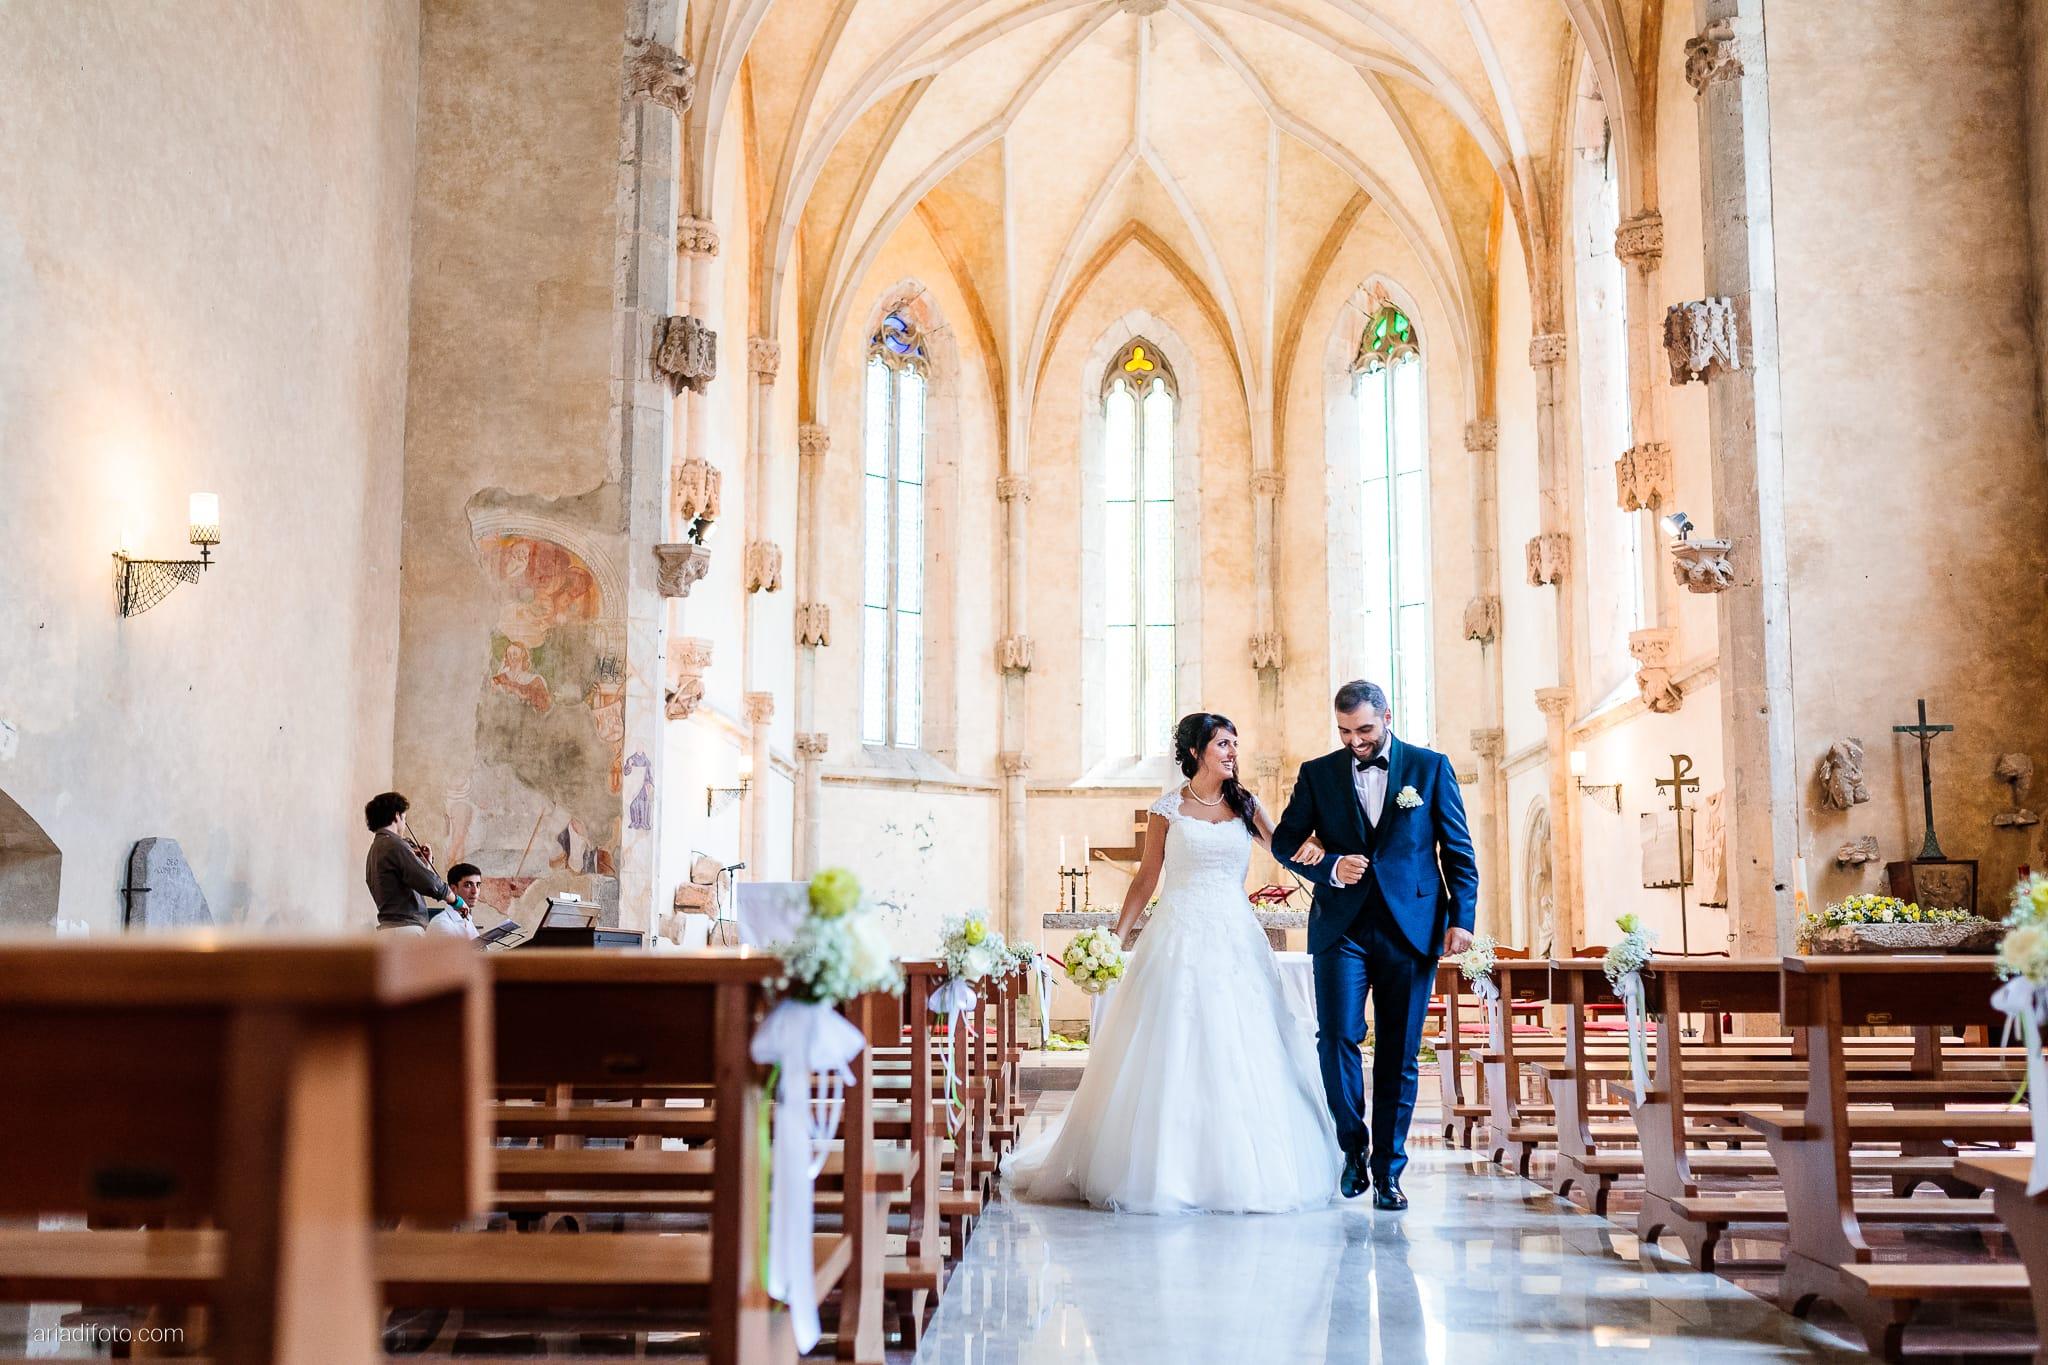 Rosylenia Luca Matrimonio Duino Chiesa San Giovanni in Tuba Ristorante Napoleone Castions Udine cerimonia lancio del riso